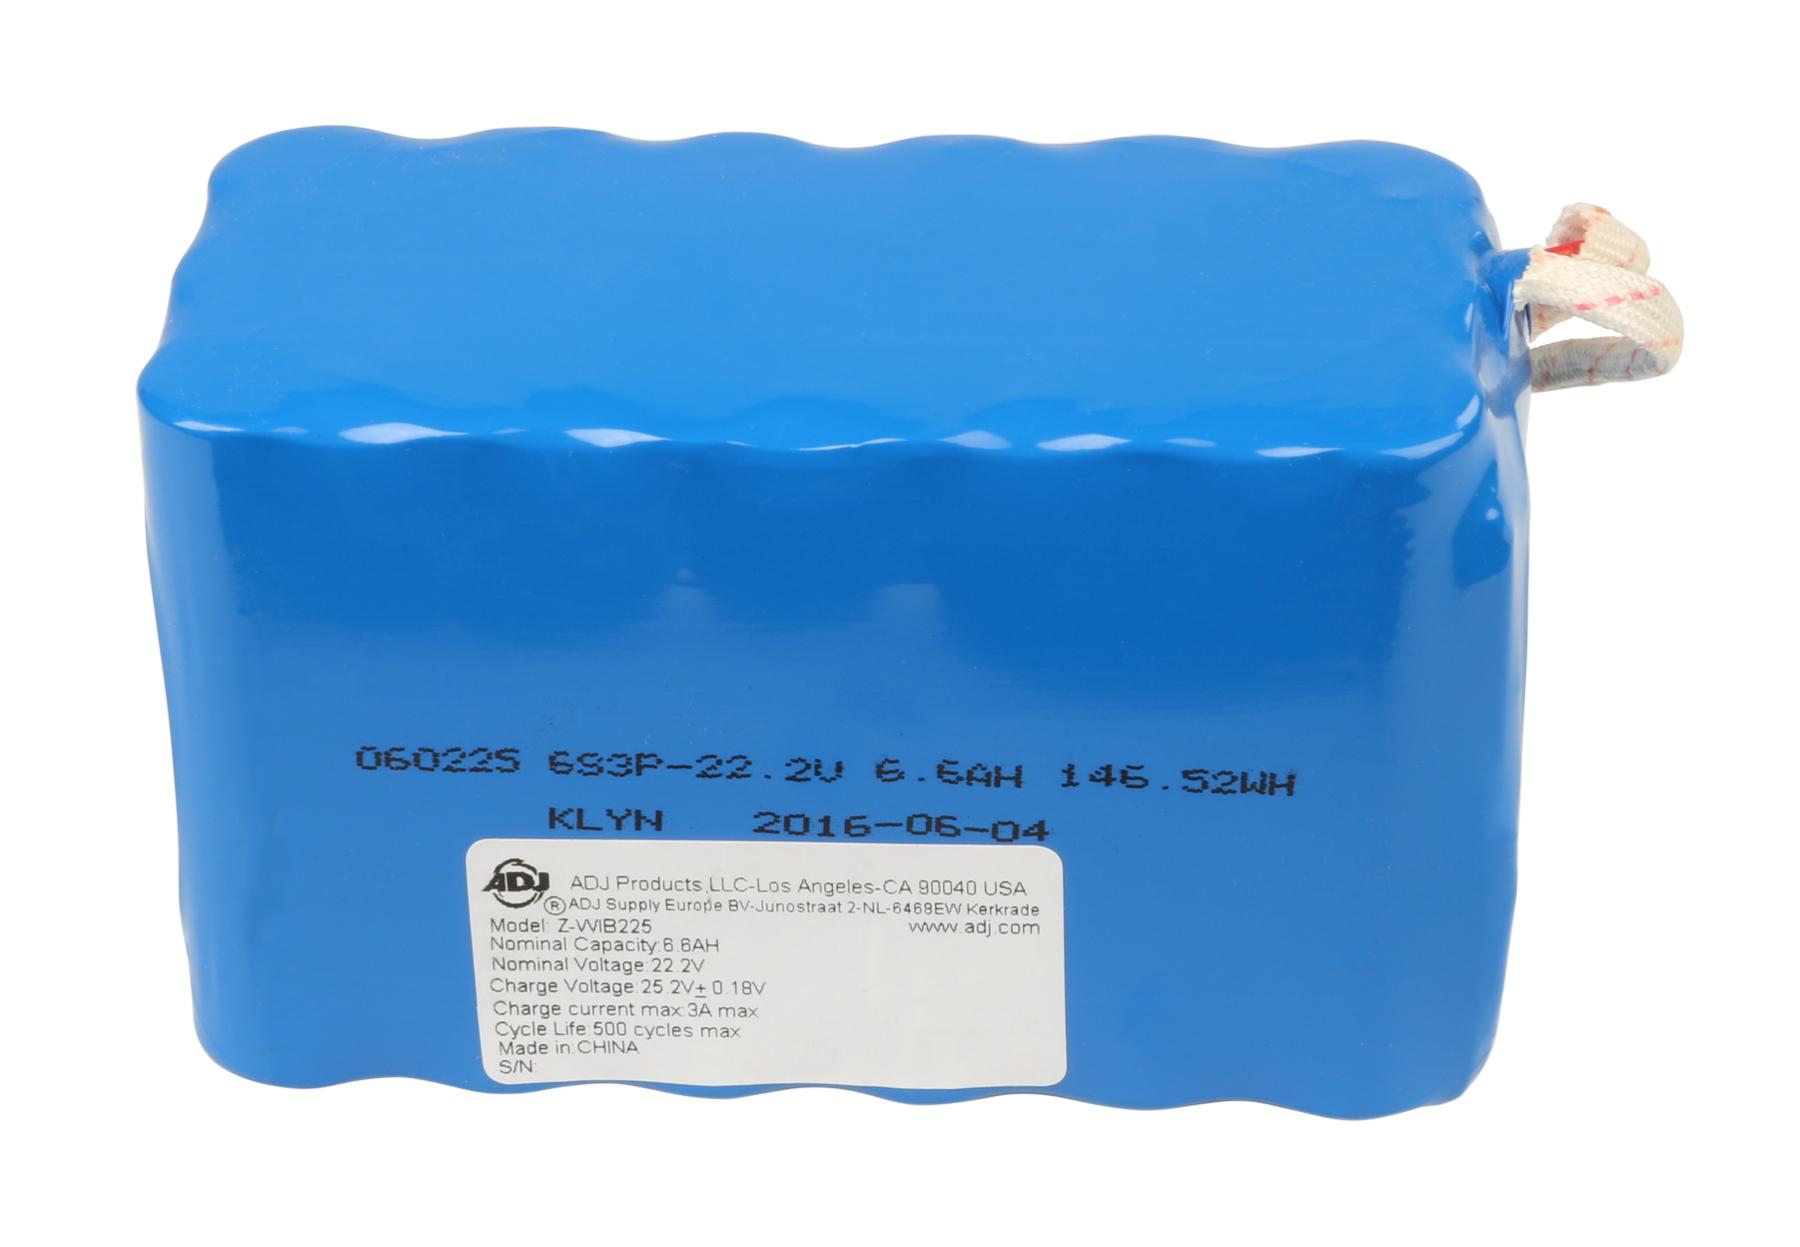 Battery for WiFLY Par QA5